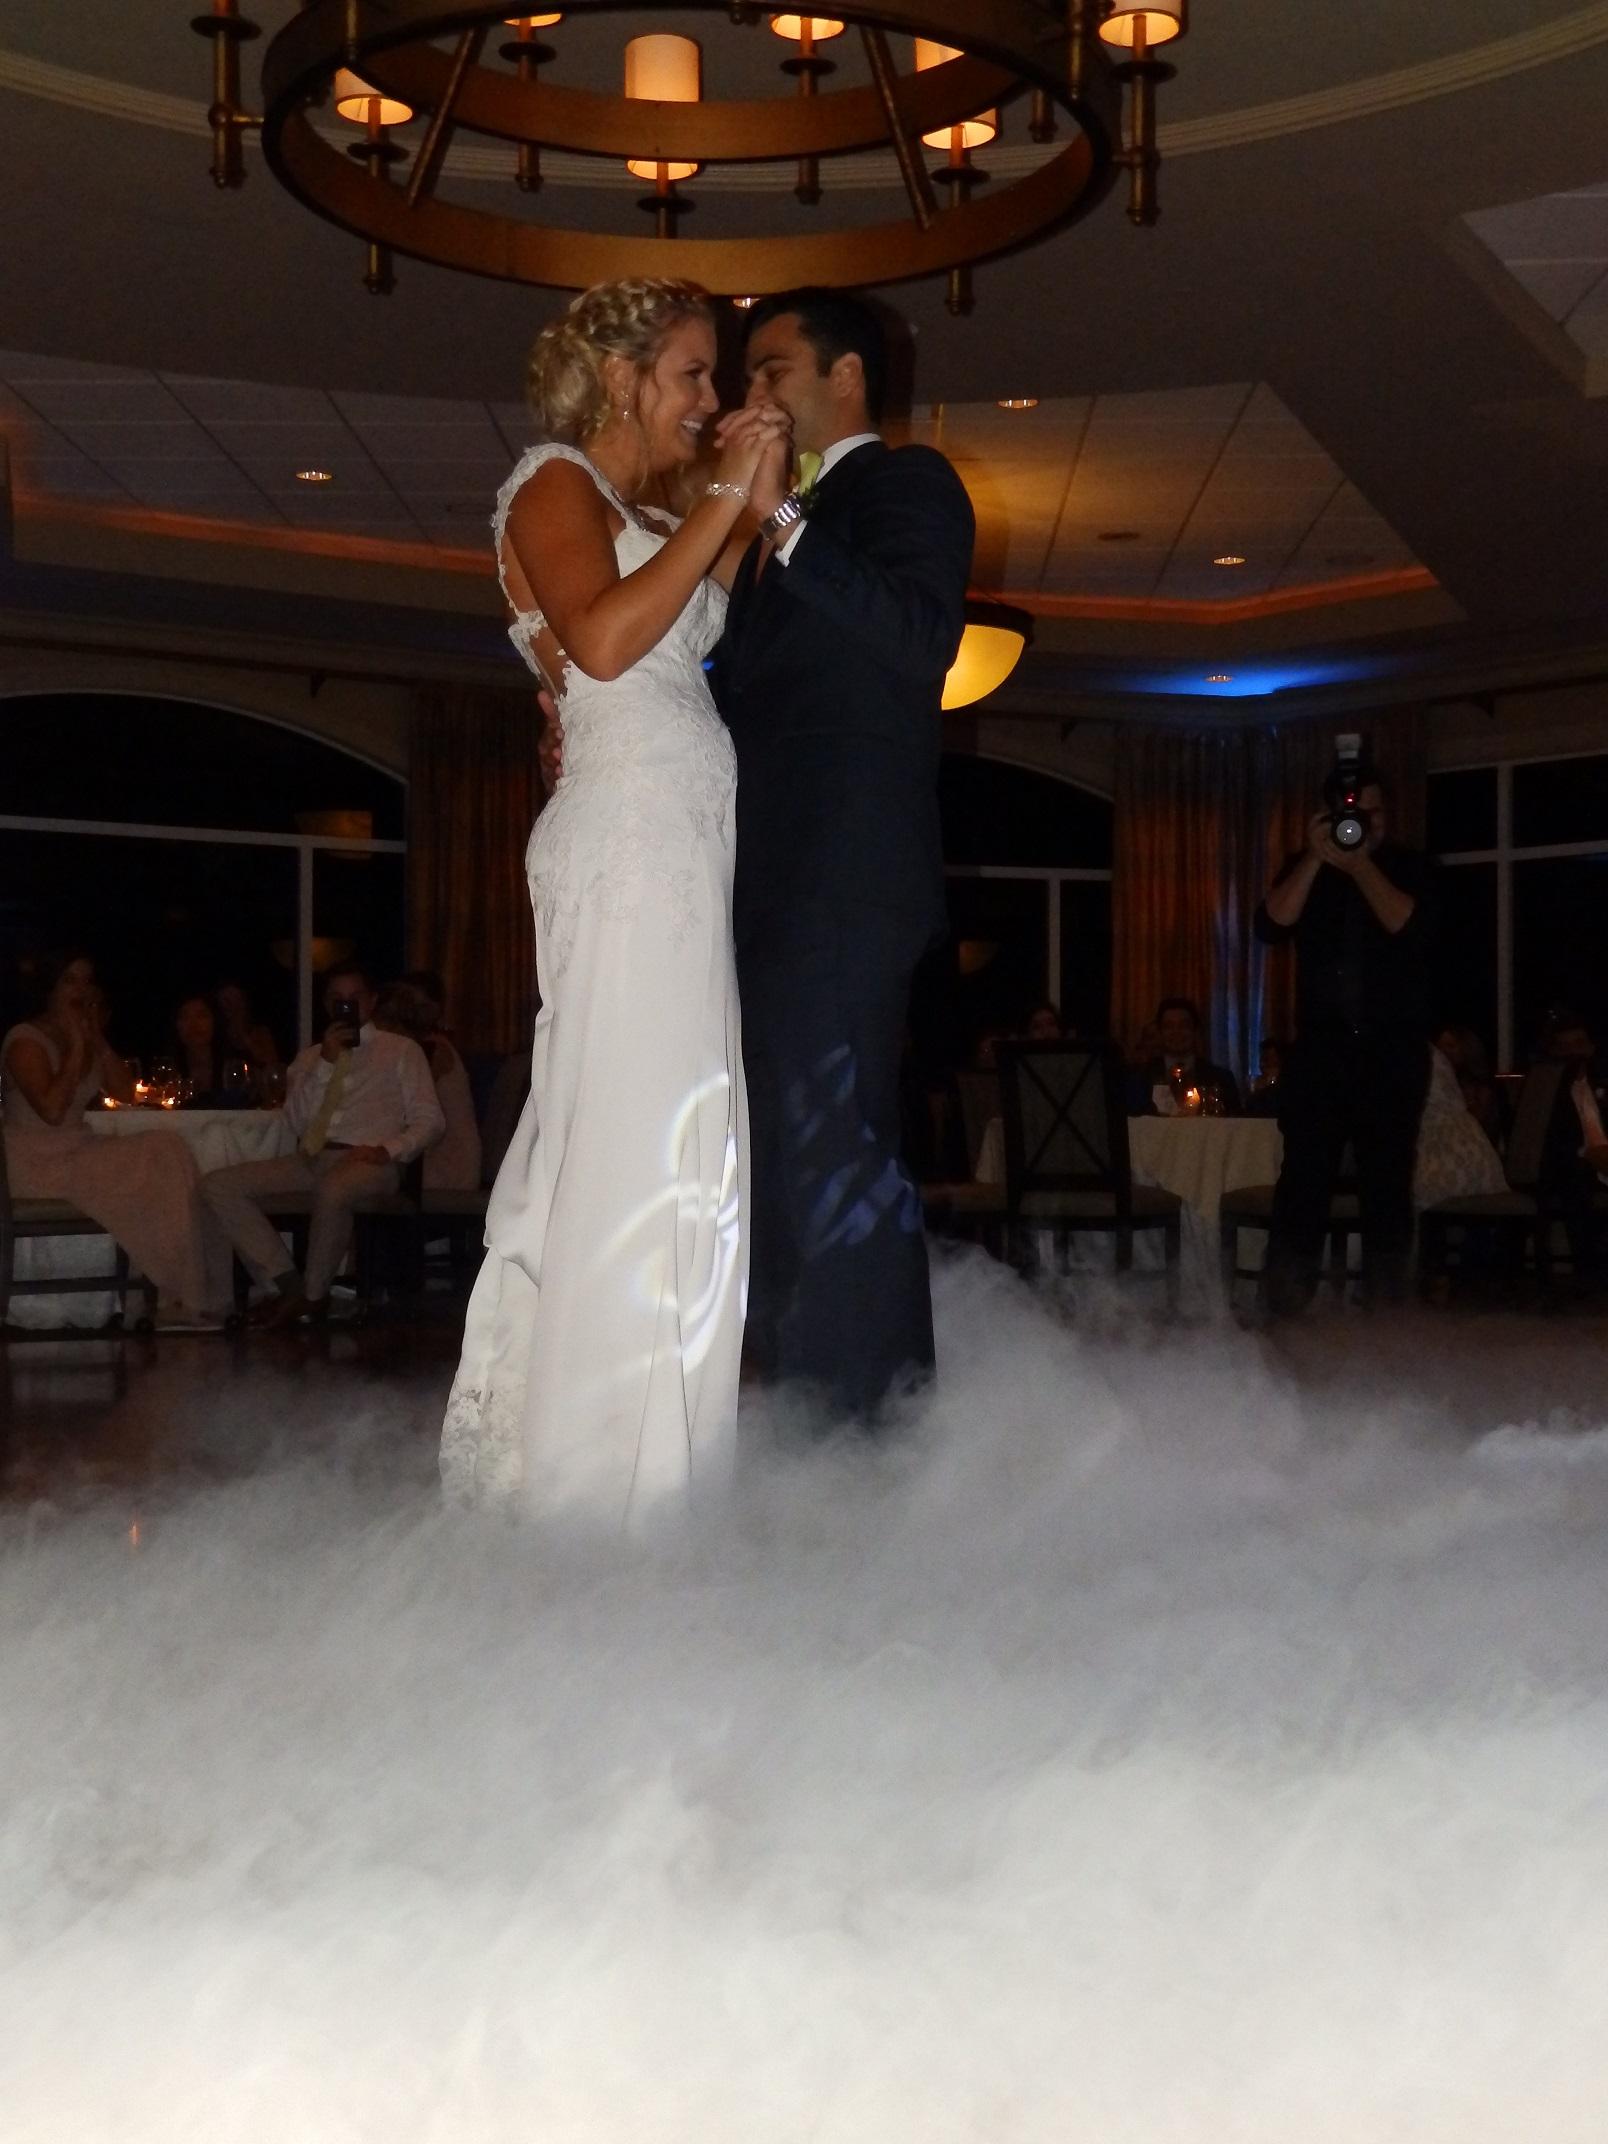 Ginelle & Daniel M. Wedding